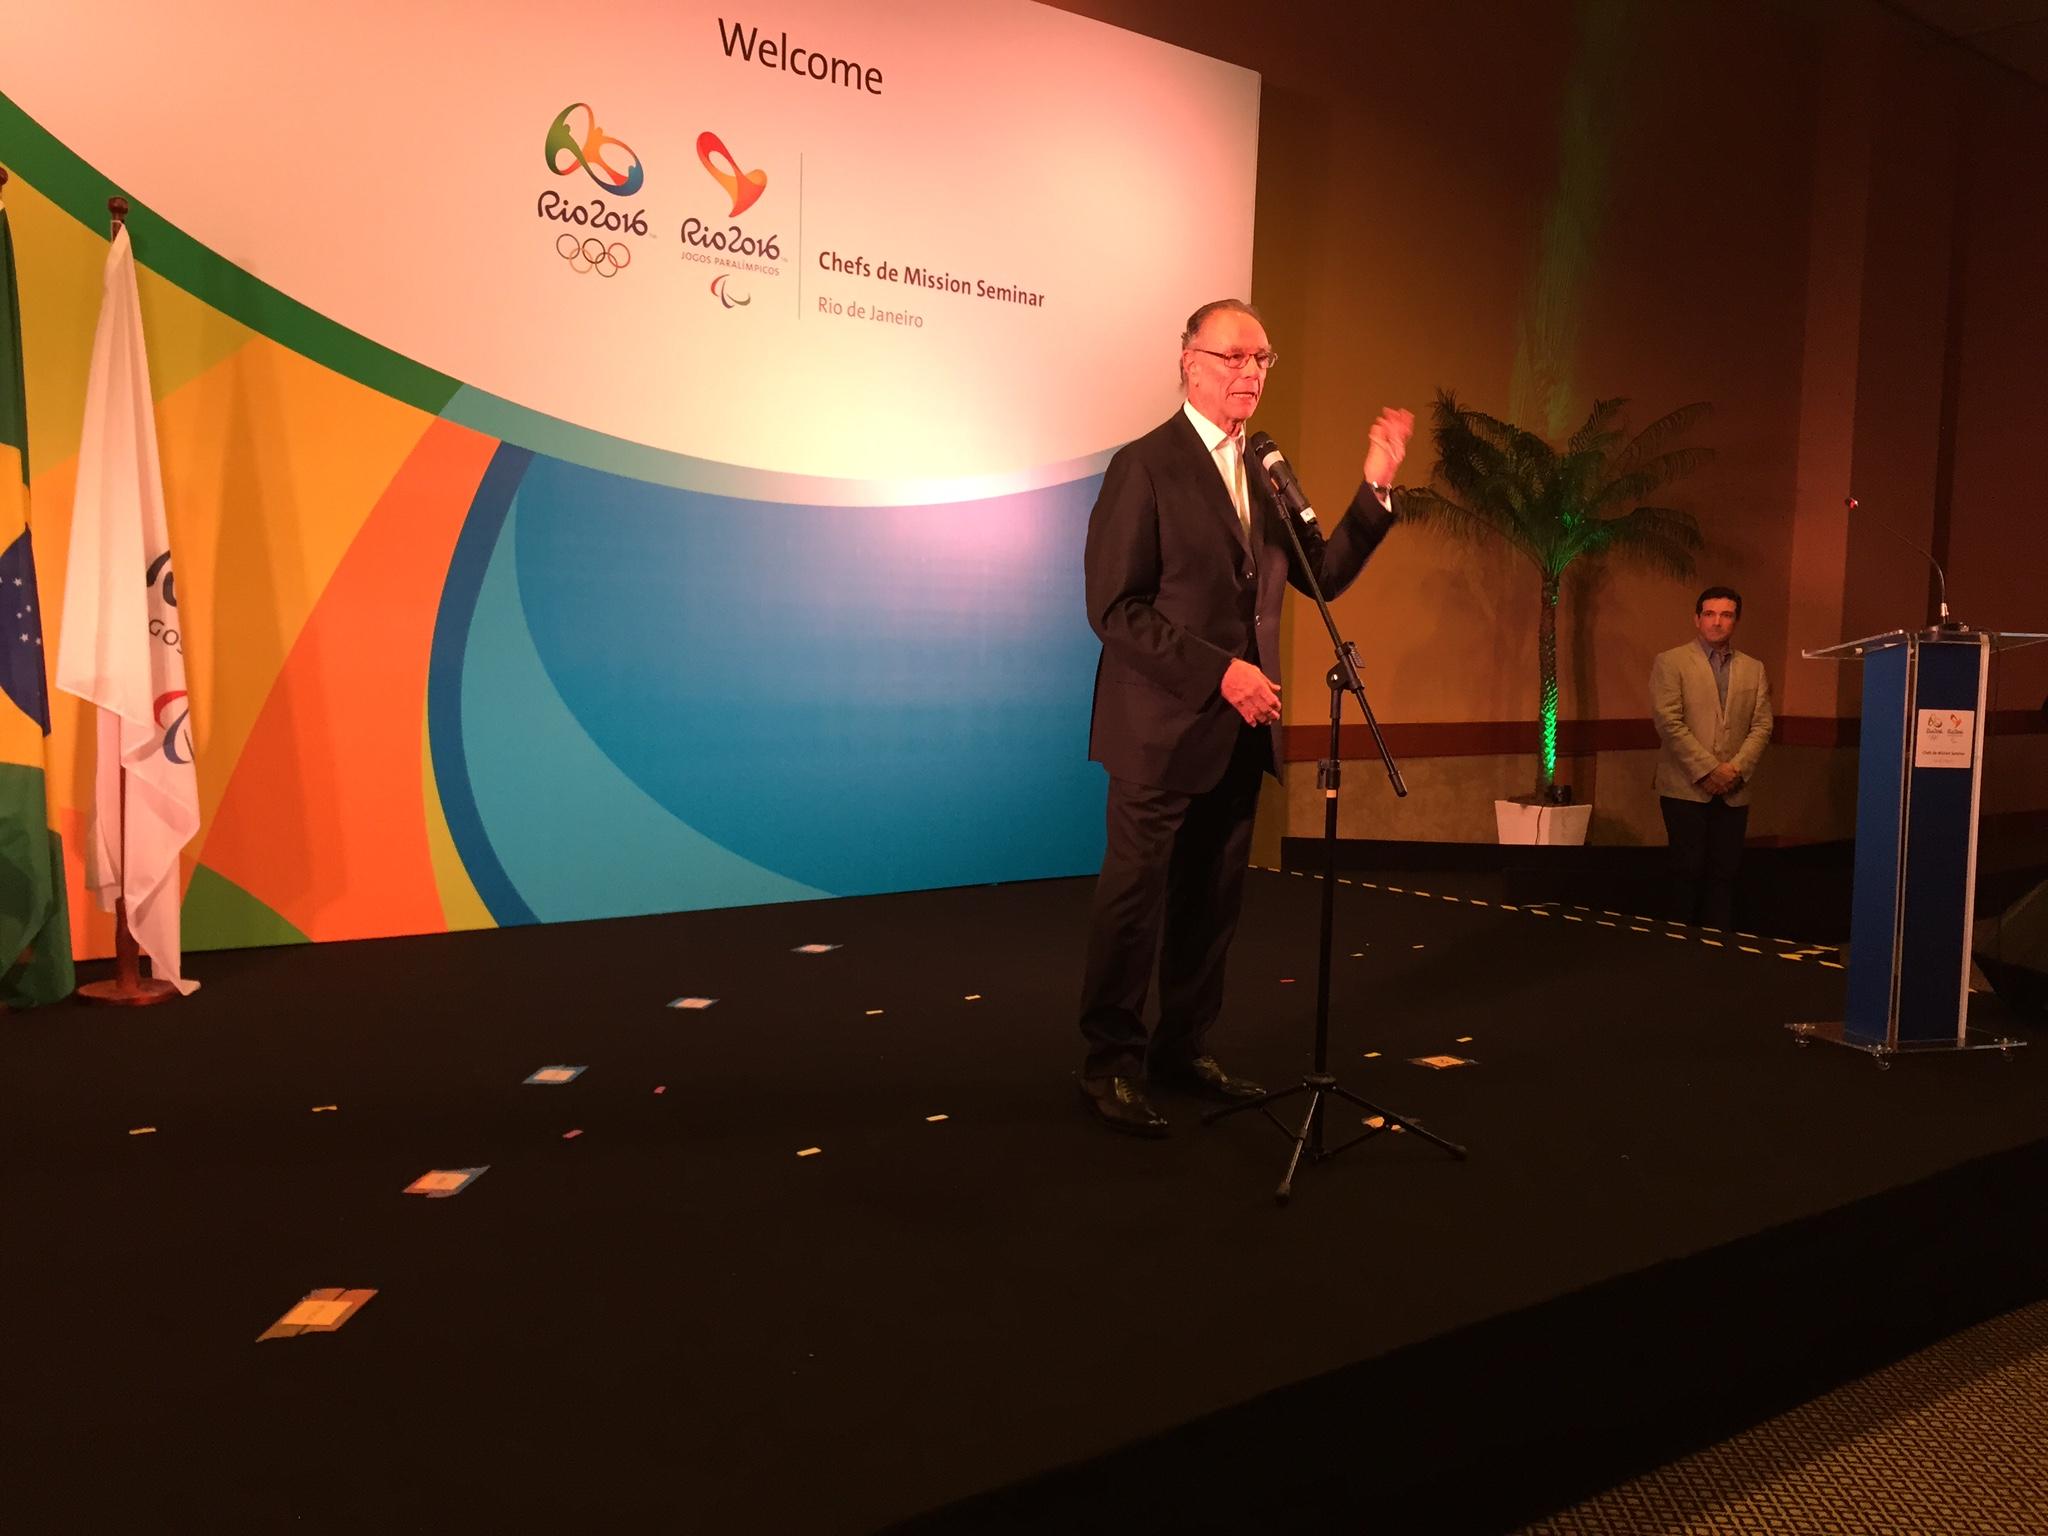 П.А. Рожков в г. Рио-де-Жанейро принял участие в открытии семинара шефов миссий стран-участниц